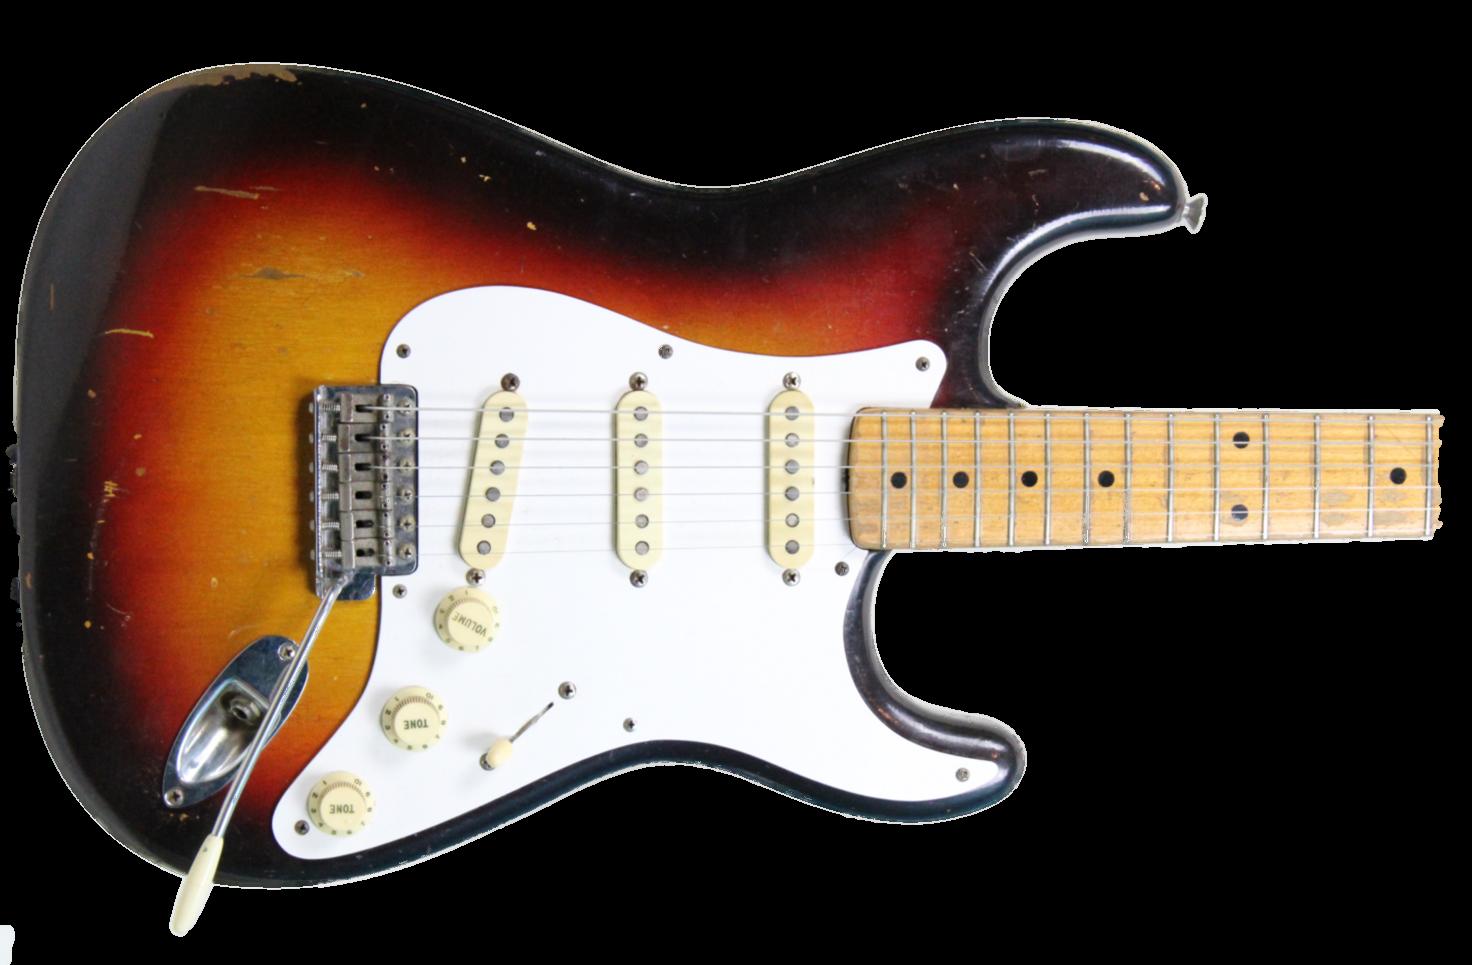 1958 Fender Stratocaster Vintage Modern Guitars